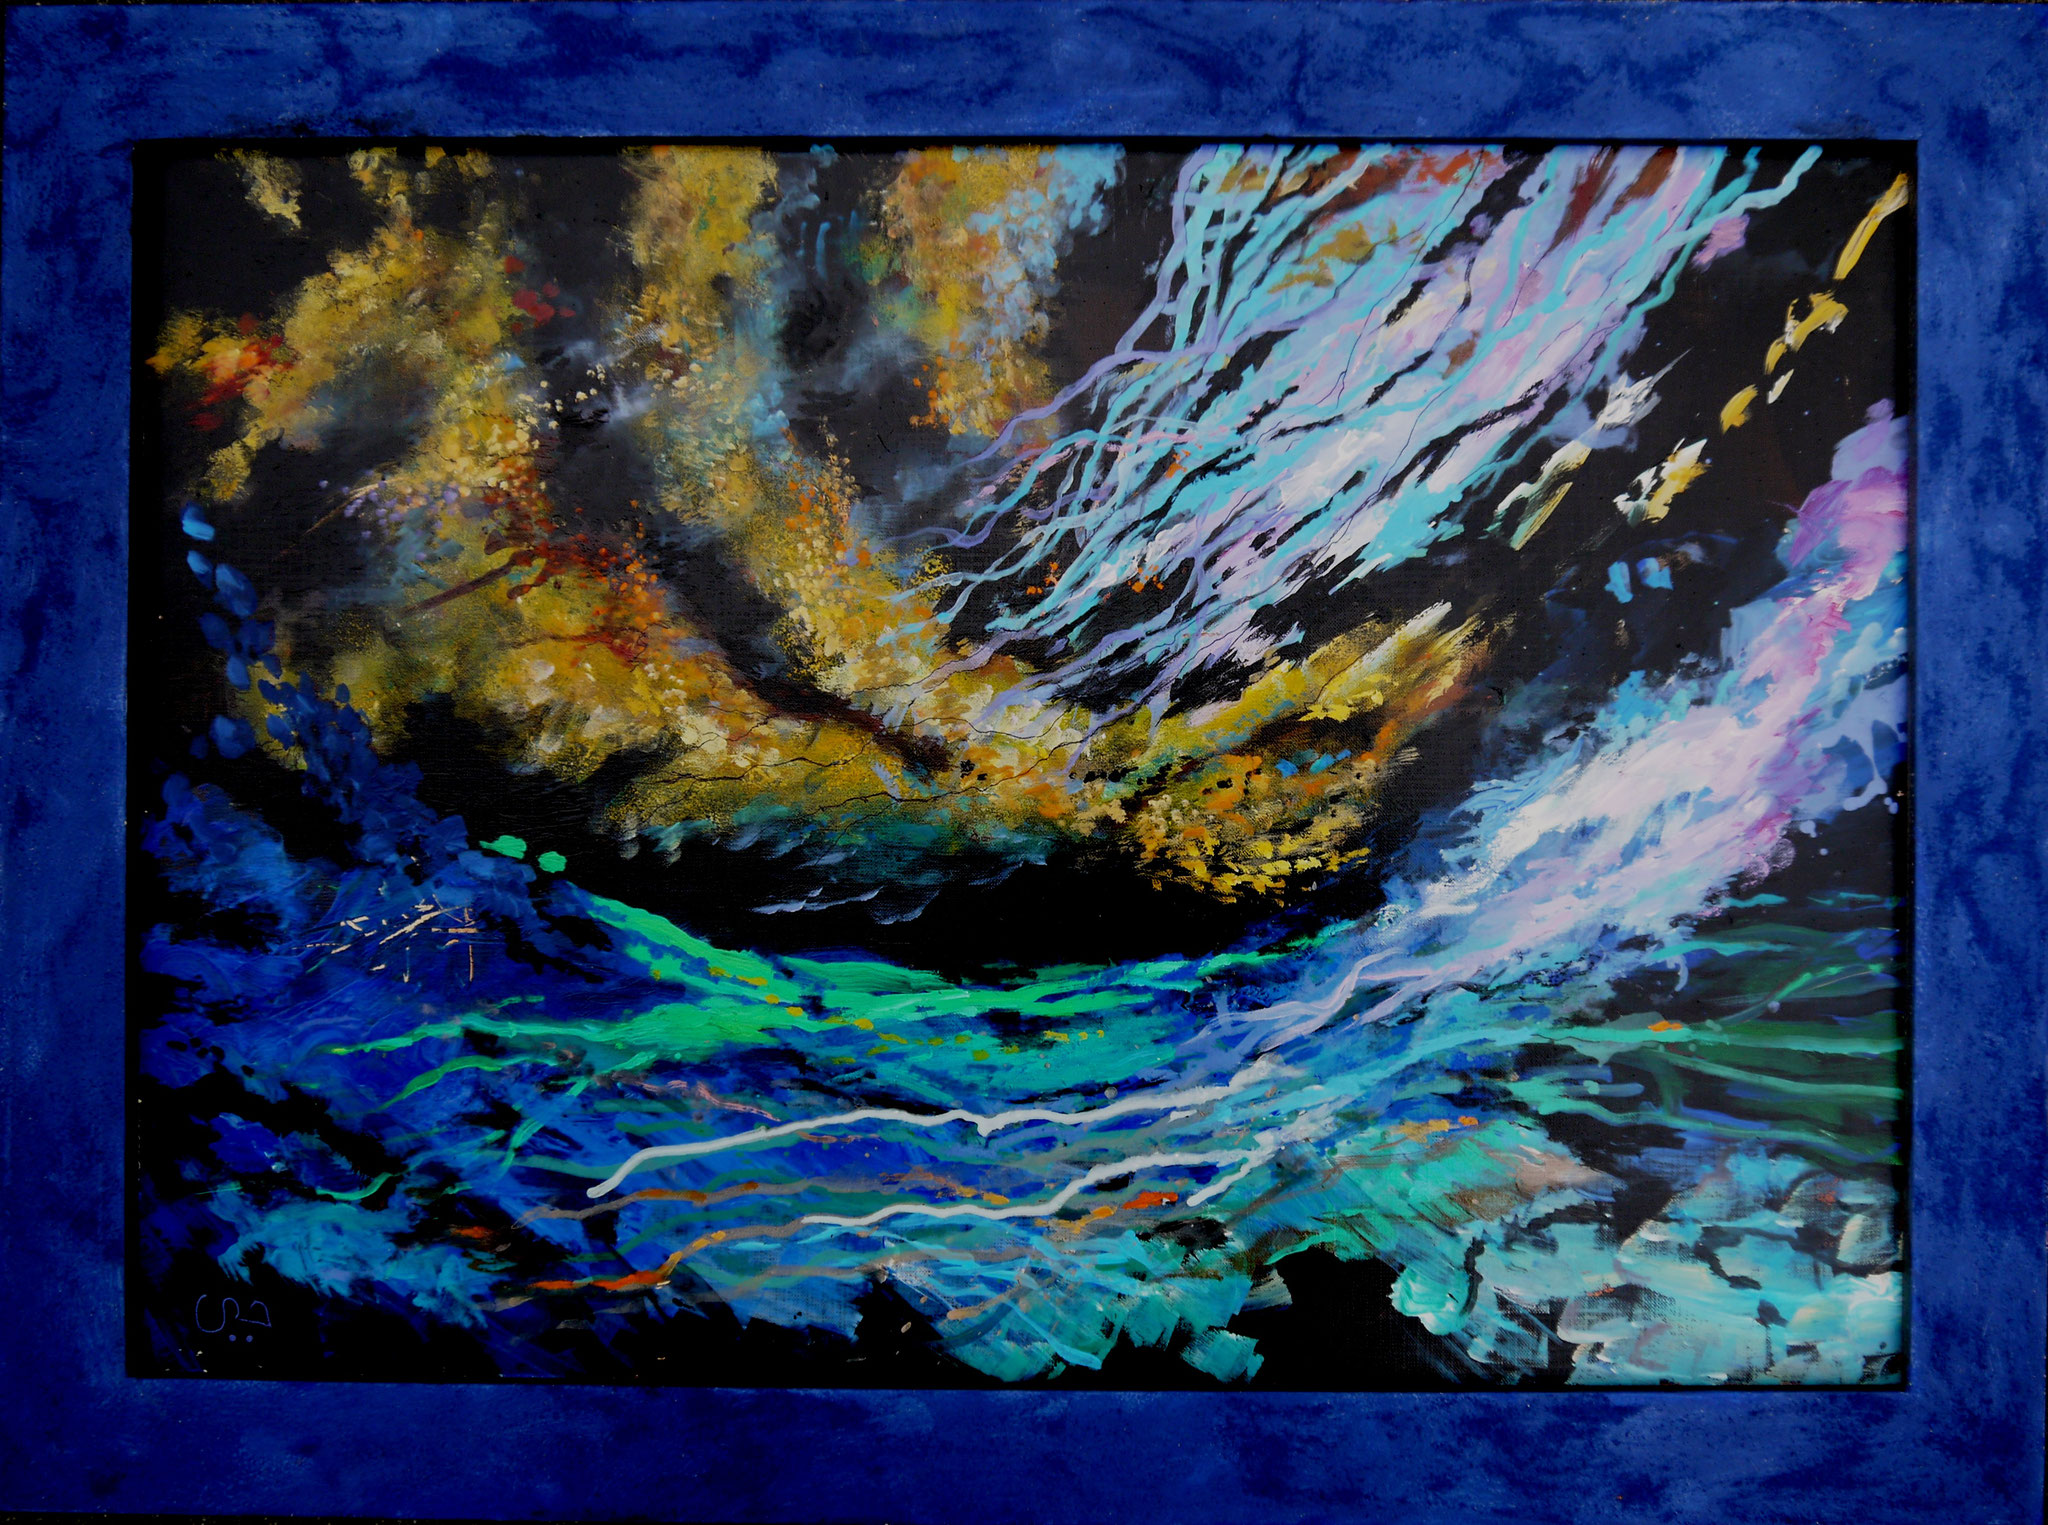 OFFSHORE, Öl und Sand auf Leinwand, 50 x 70 cm, in blauem Rahmen, 370 Euro